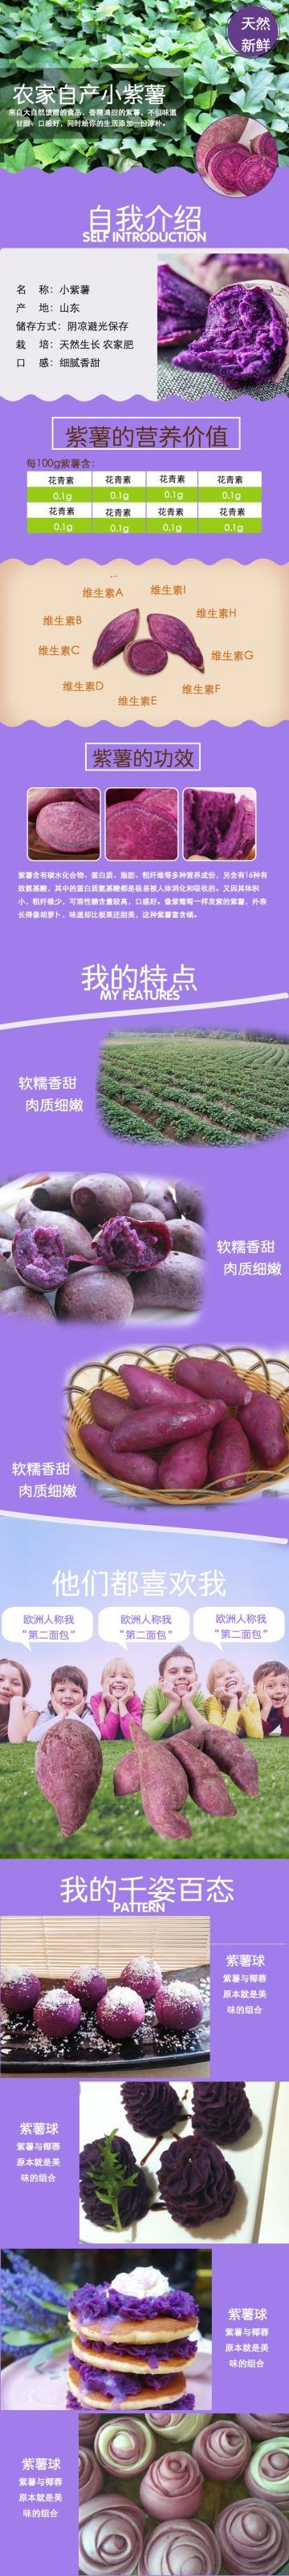 紫色简约食品果蔬紫薯电商宝贝详情